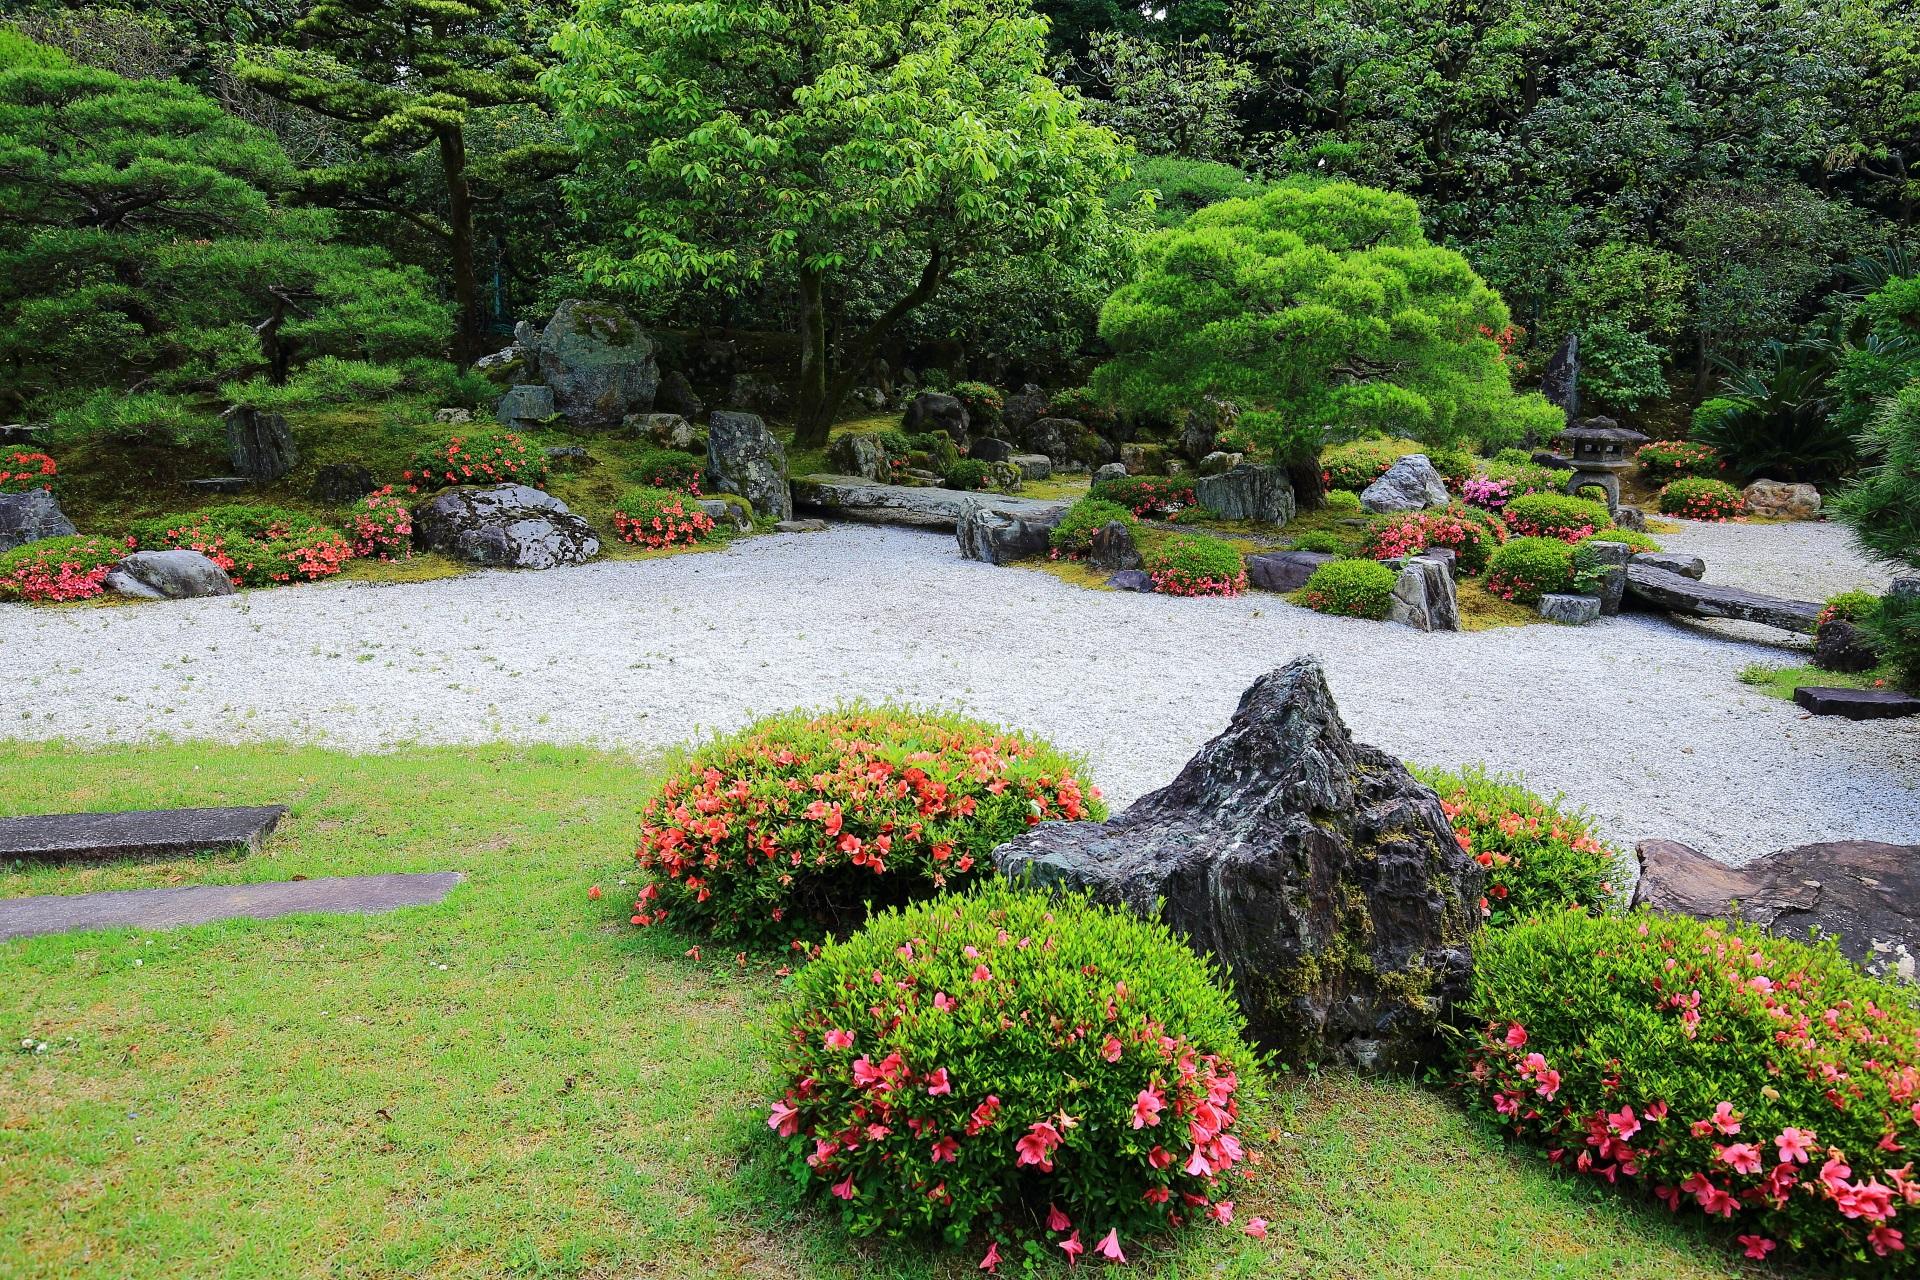 友禅苑 さつき 庭園にそえられた春の彩り